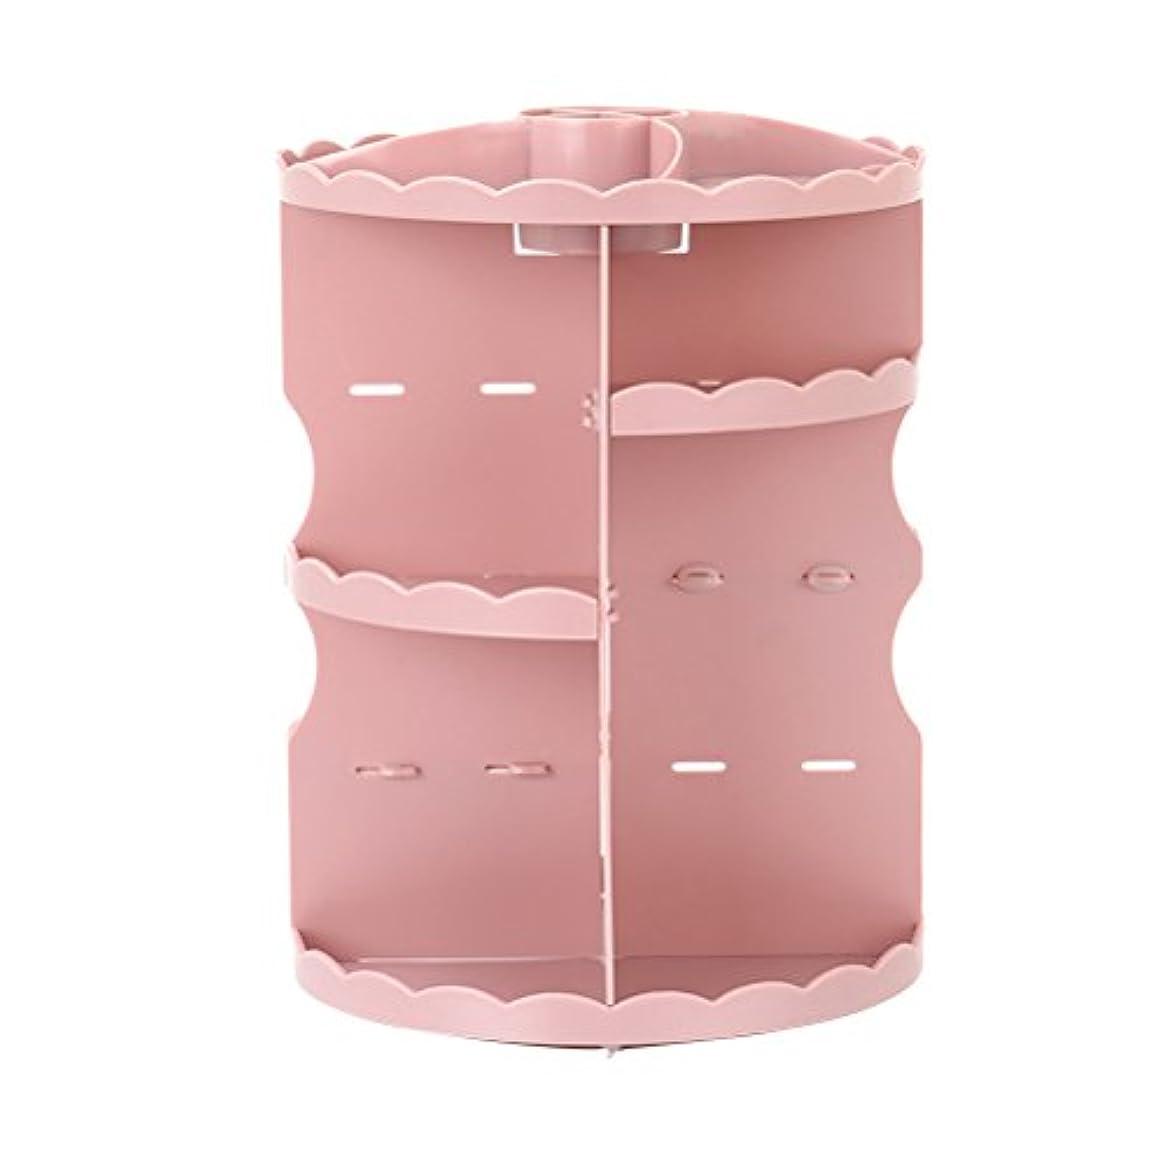 折り目使用法ゴールデンOUNONA 化粧品棚 メイクボックス コスメ収納 化粧収納 化粧入れ 360度回転式 大容量 卓上 浴室 台所 収納棚 回転化粧ラック(ピンク)